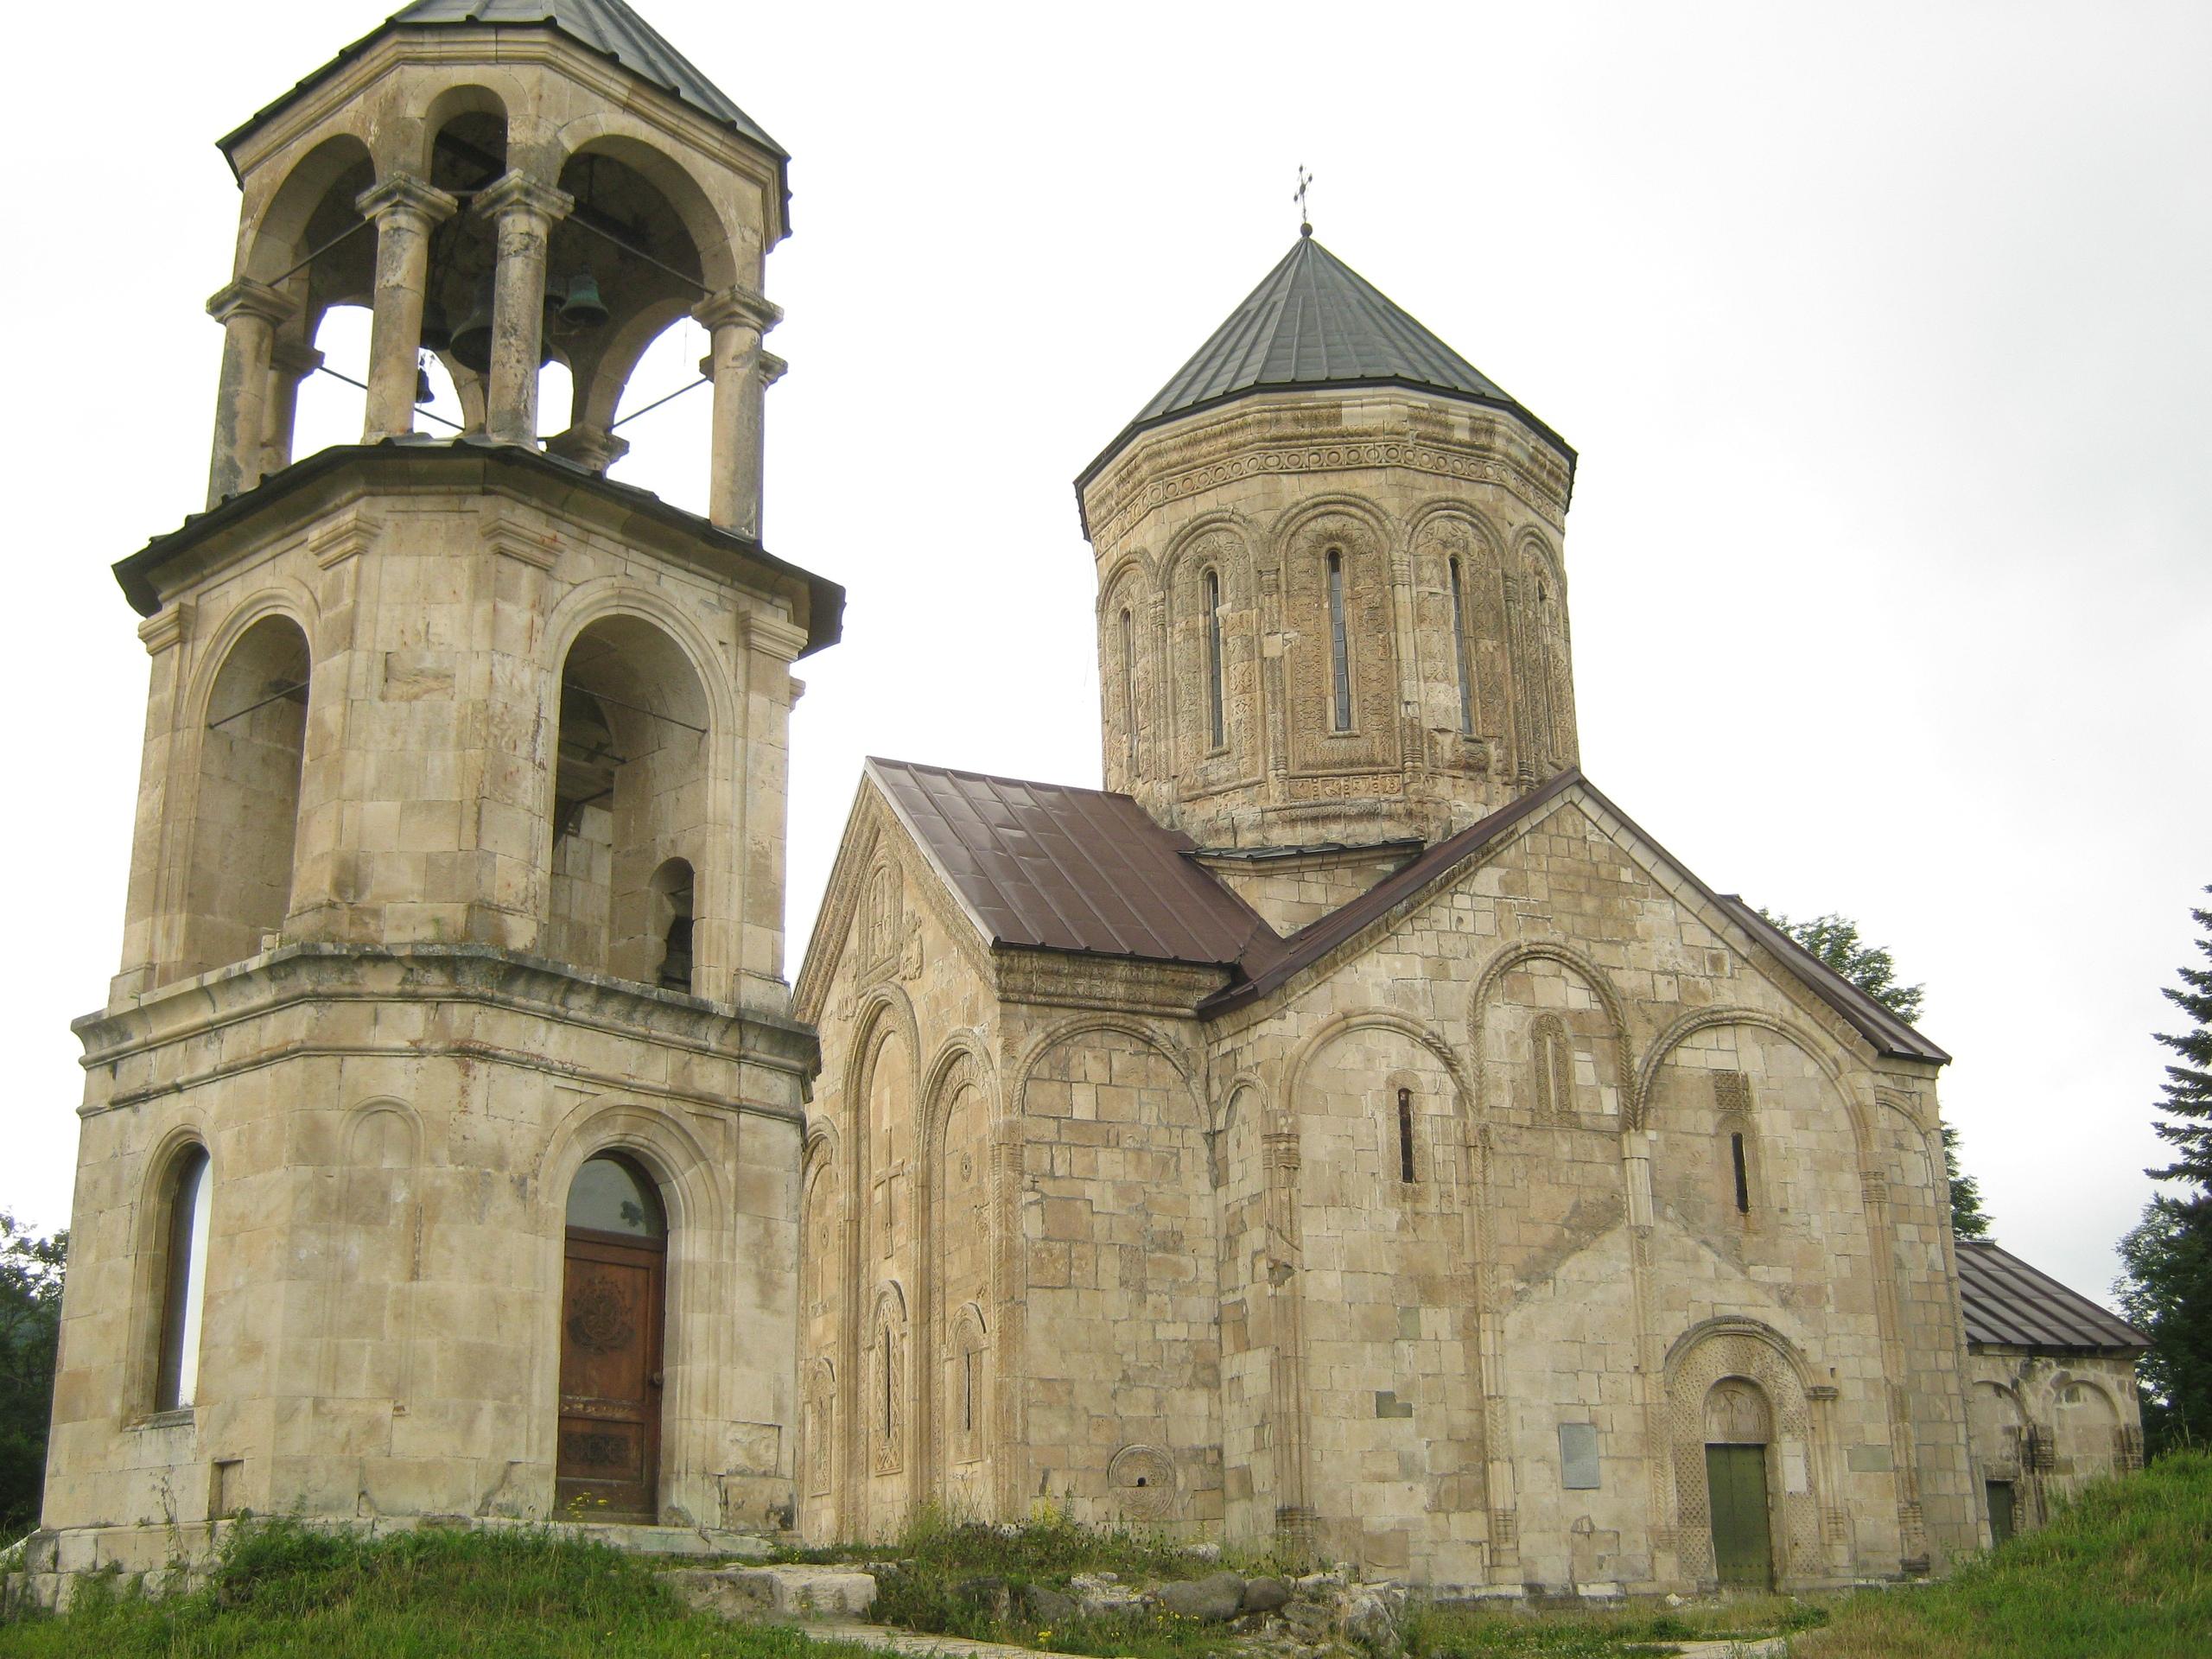 церковь Никорцминда с колокольней